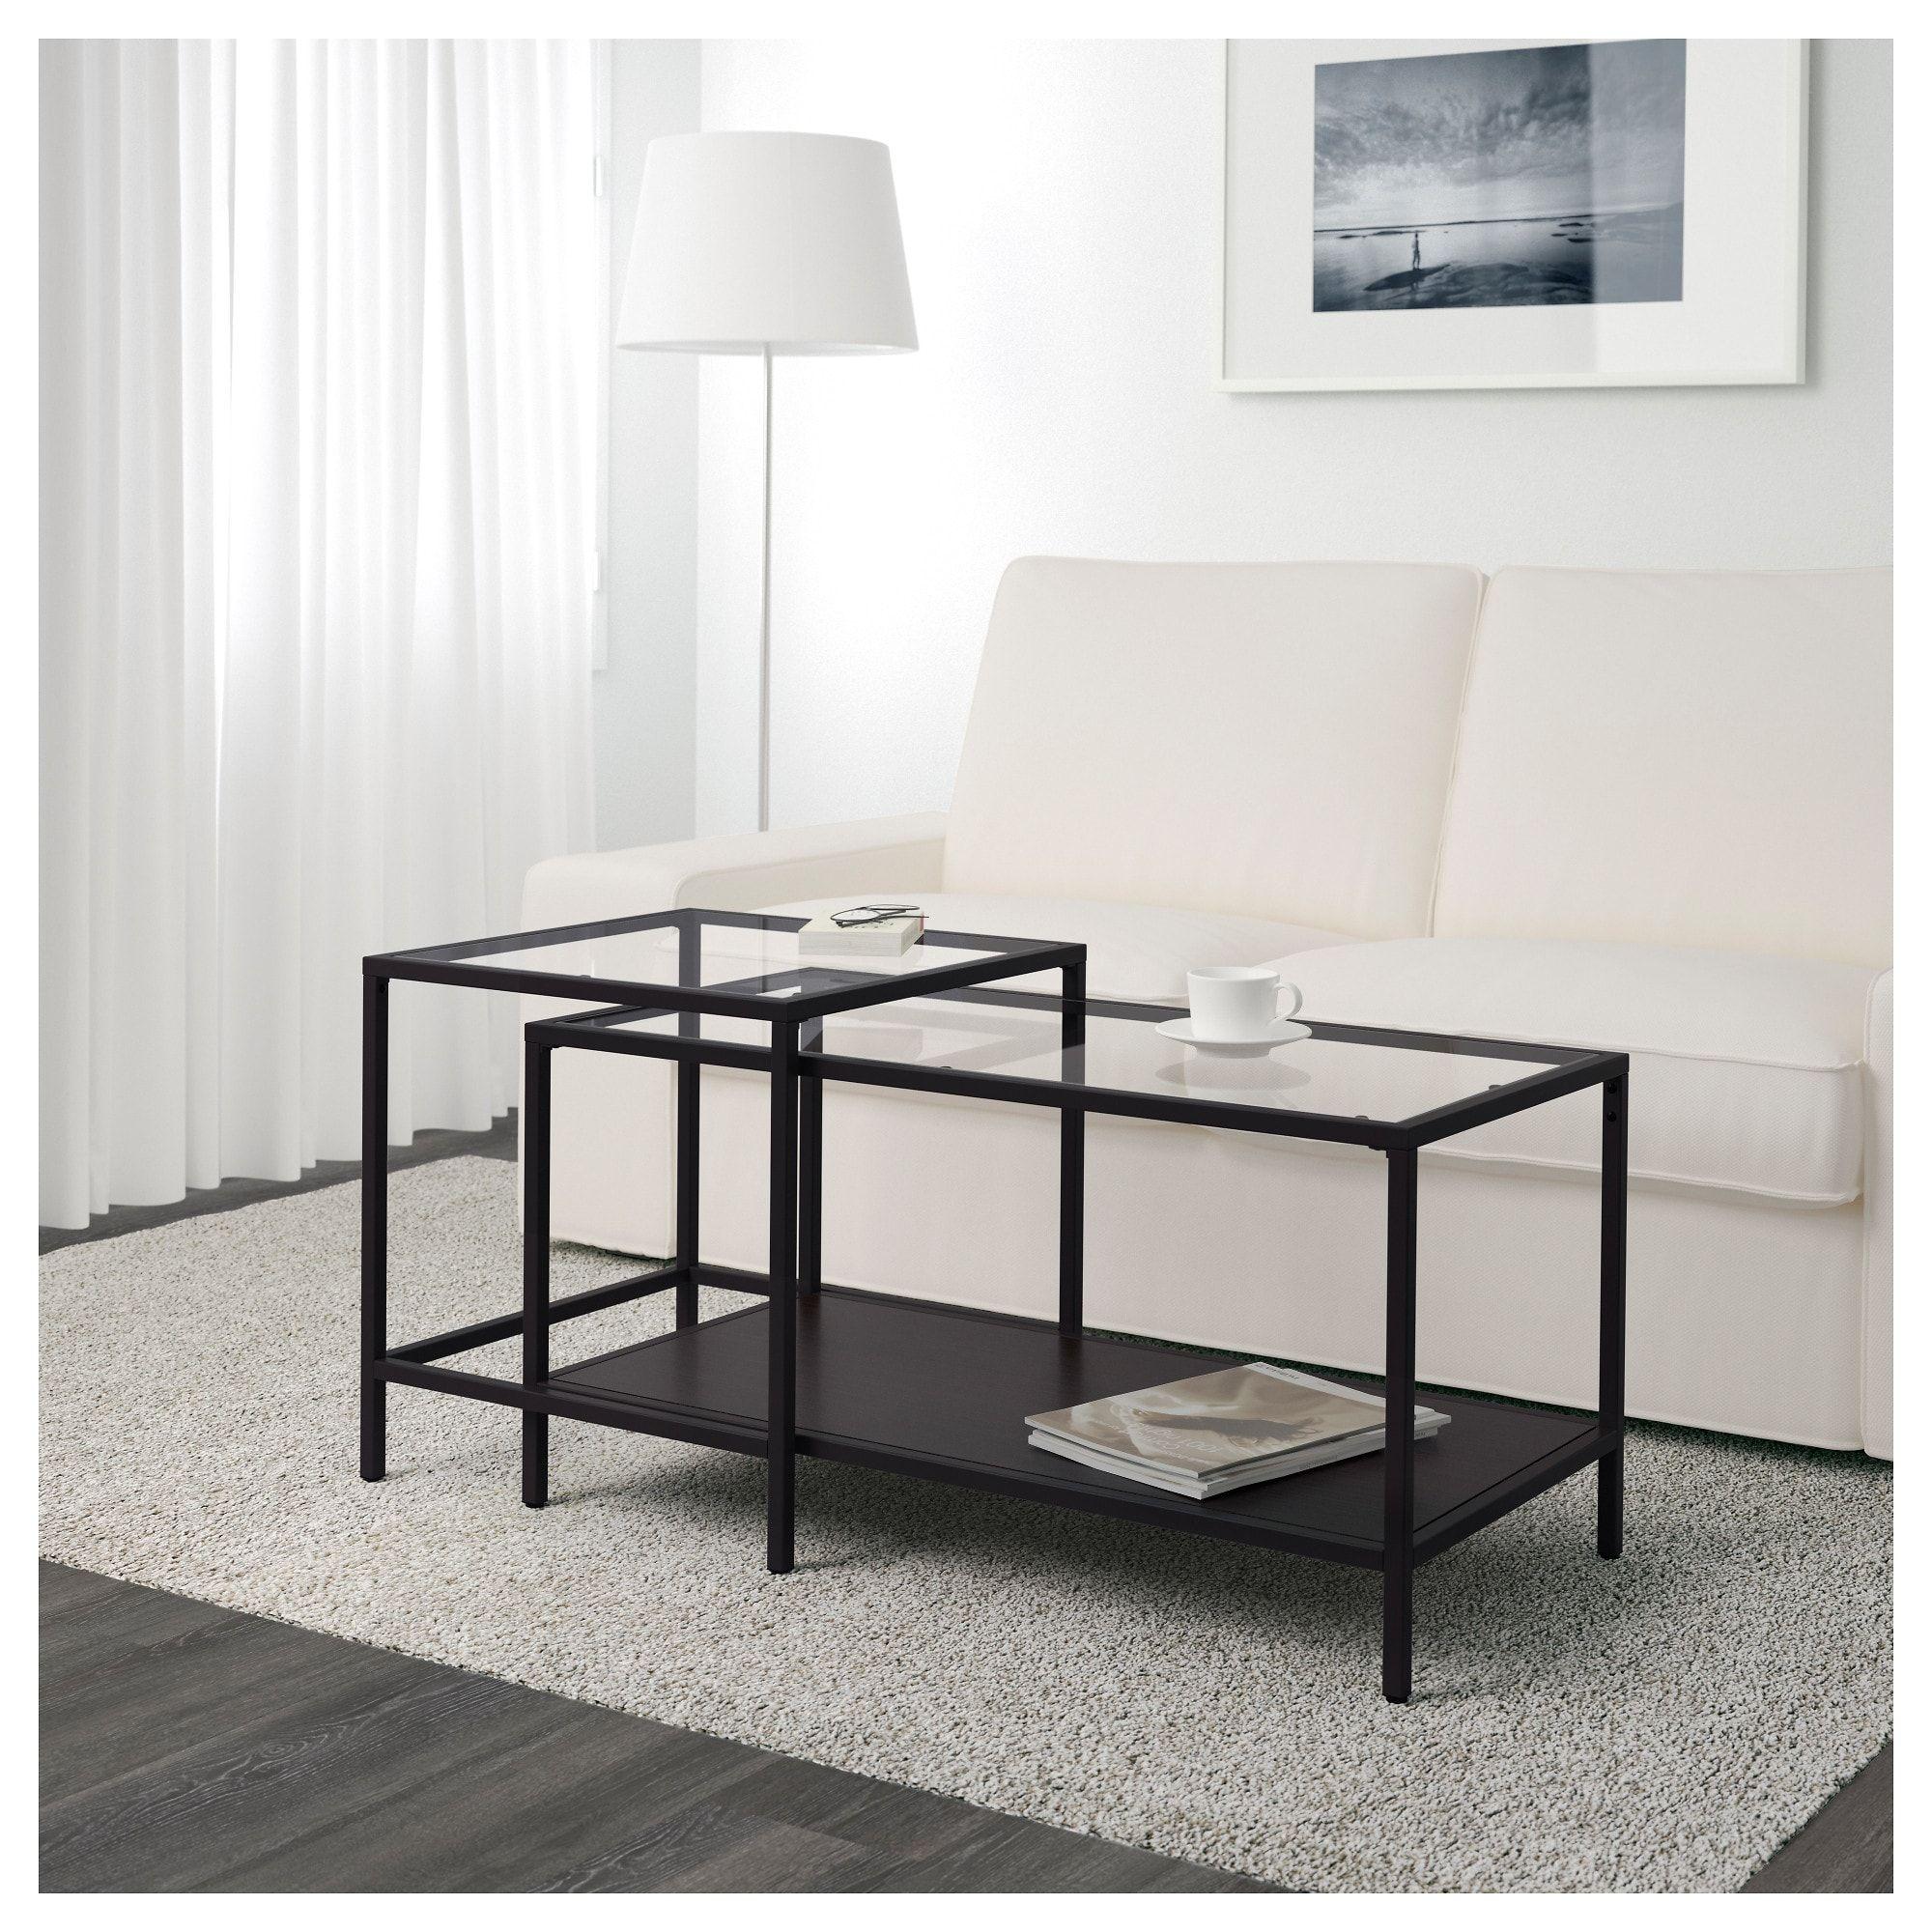 Vittsjo Nesting Tables Set Of 2 Black Brown Glass 35 3 8x19 5 8 Ikea Nesting Tables Glass Nesting Tables Coffee Table [ 2000 x 2000 Pixel ]